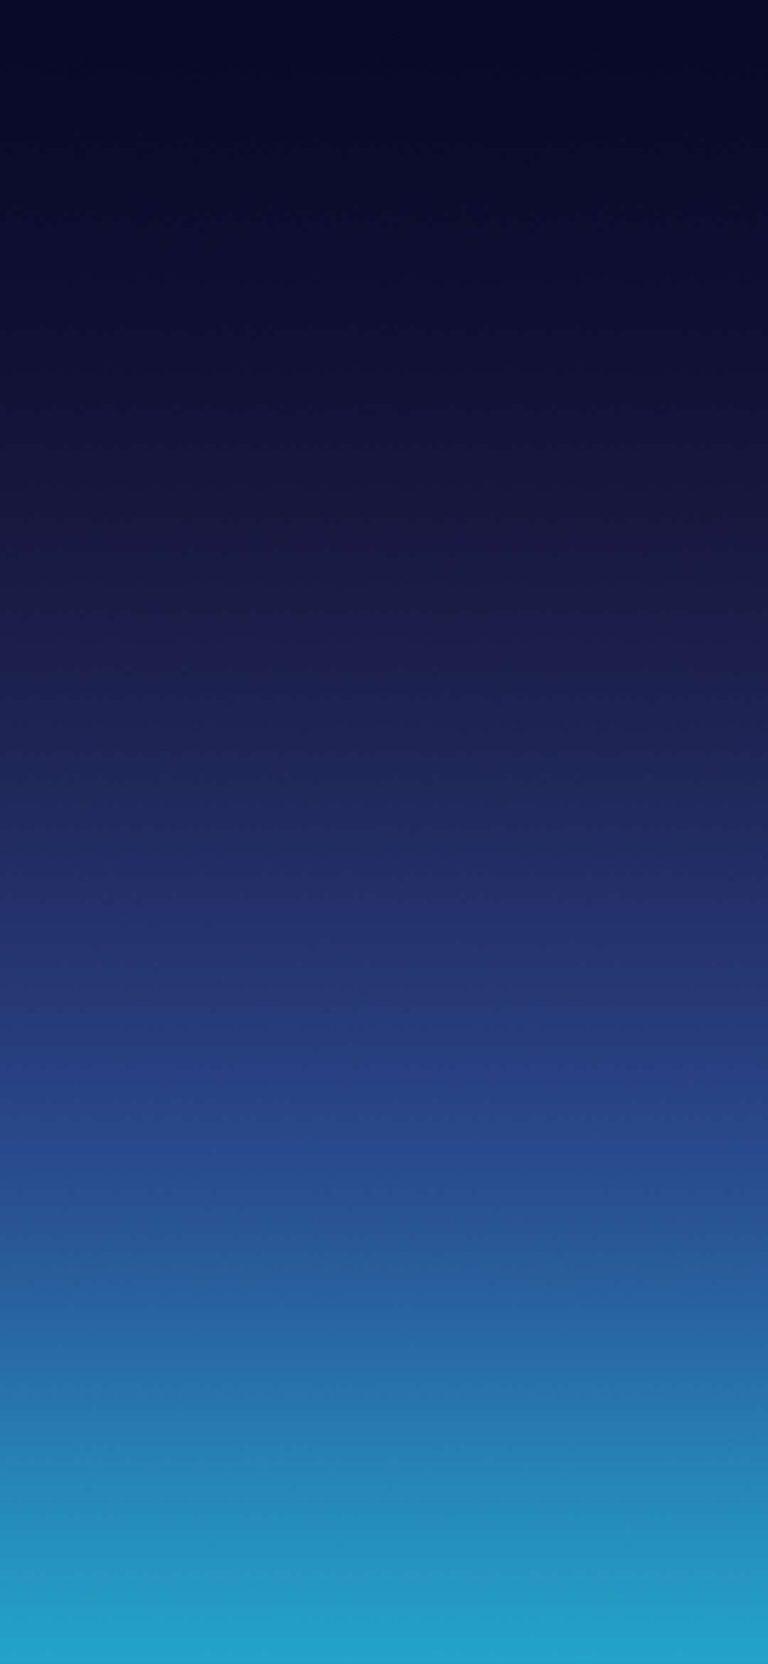 Xiaomi Mi Mix 3 Stock Wallpaper 13 1080x2340 768x1664